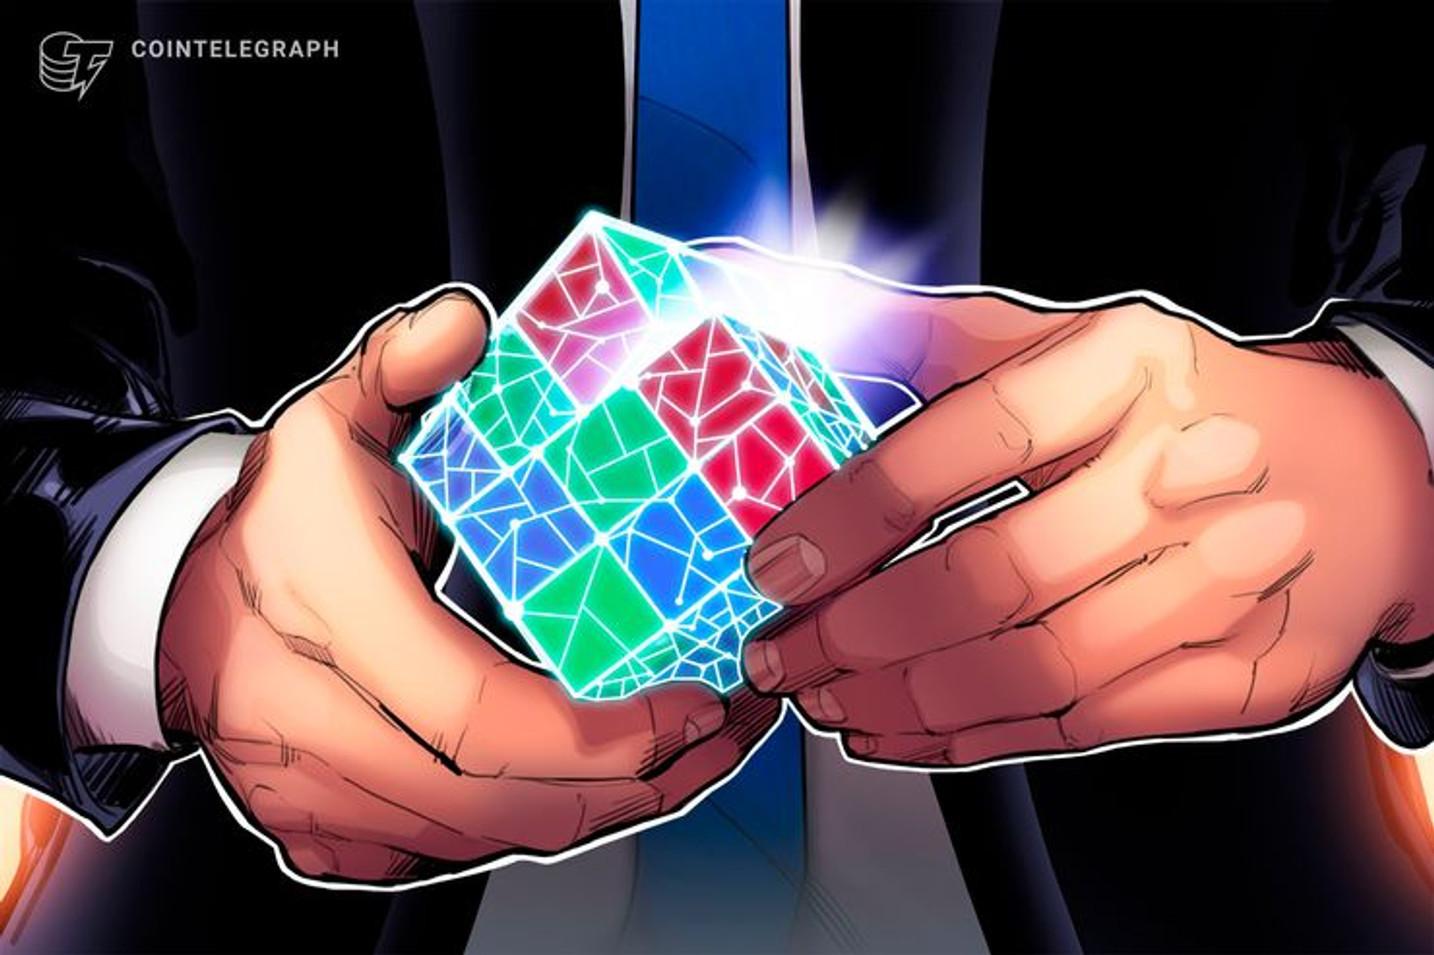 Nova proposta de melhoria do código do Bitcoin visa tornar testnet mais estável